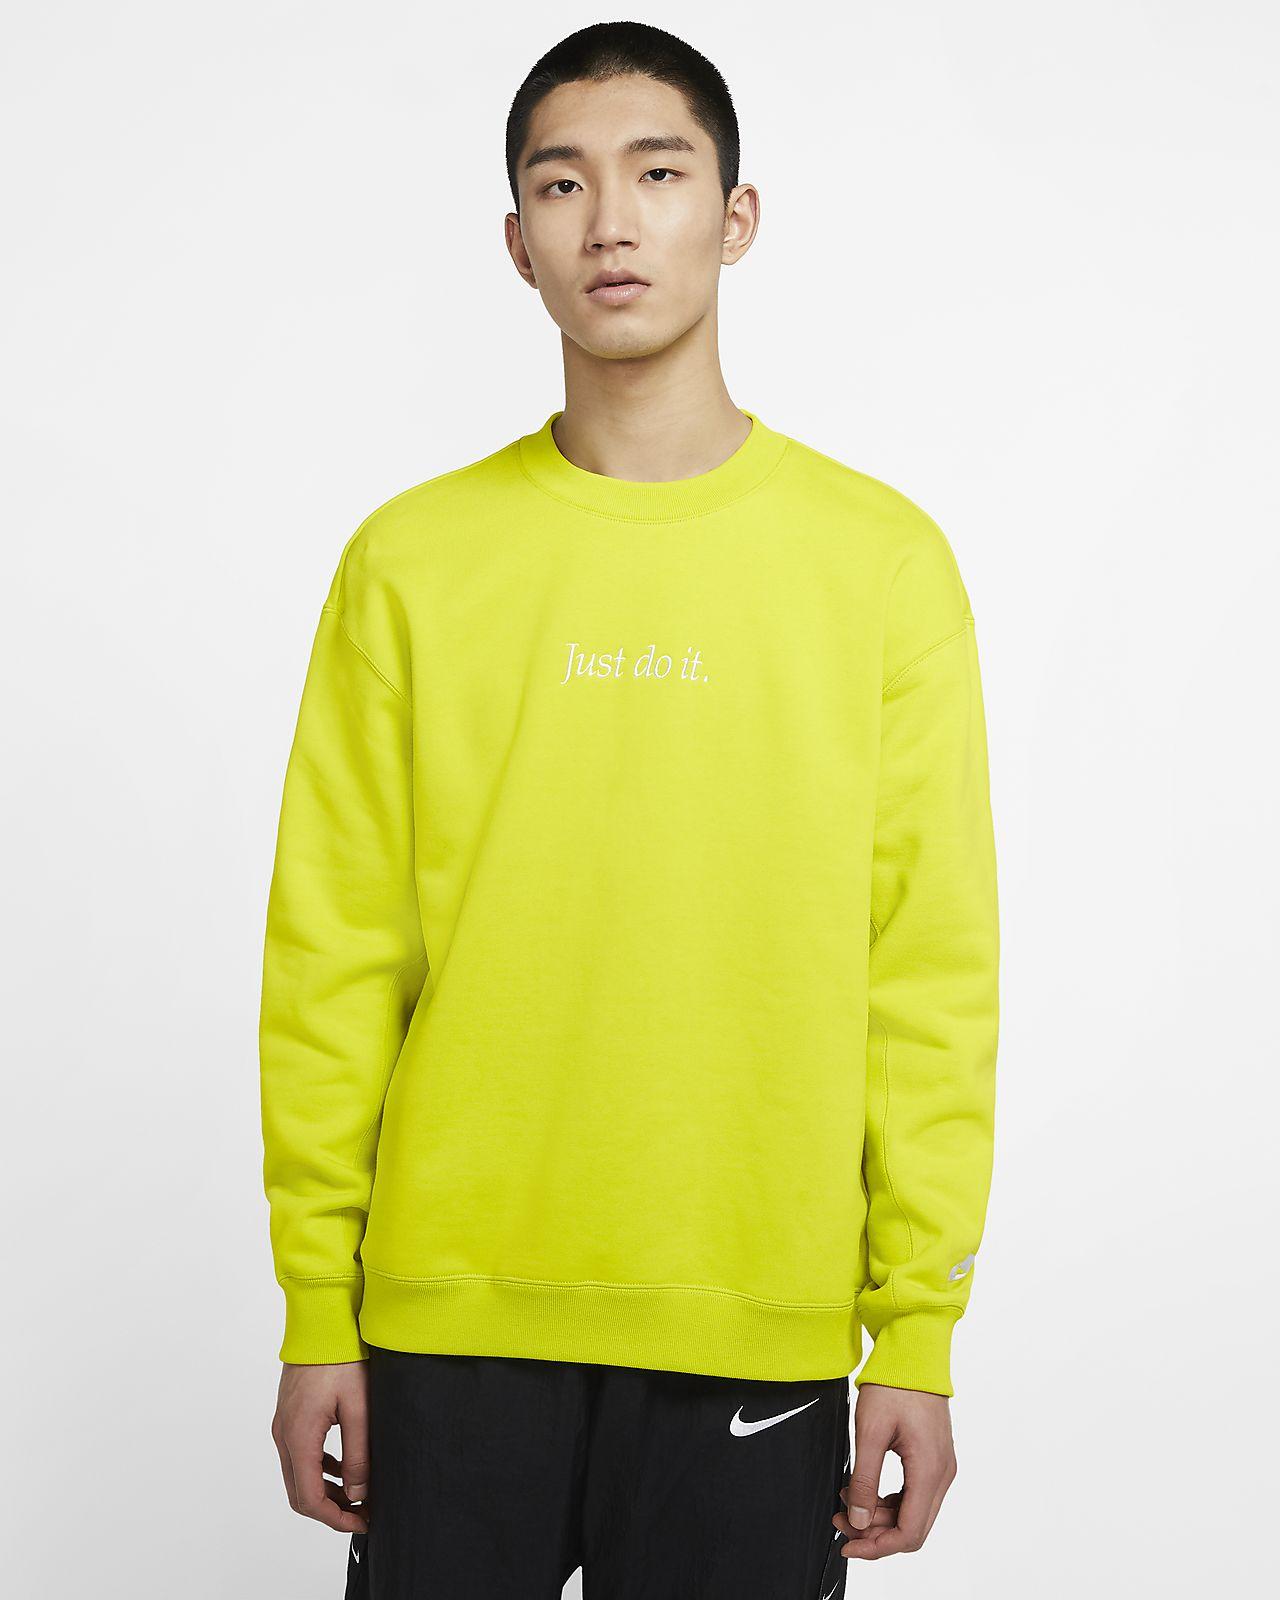 Nike Sportswear JDI 男子针织圆领上衣